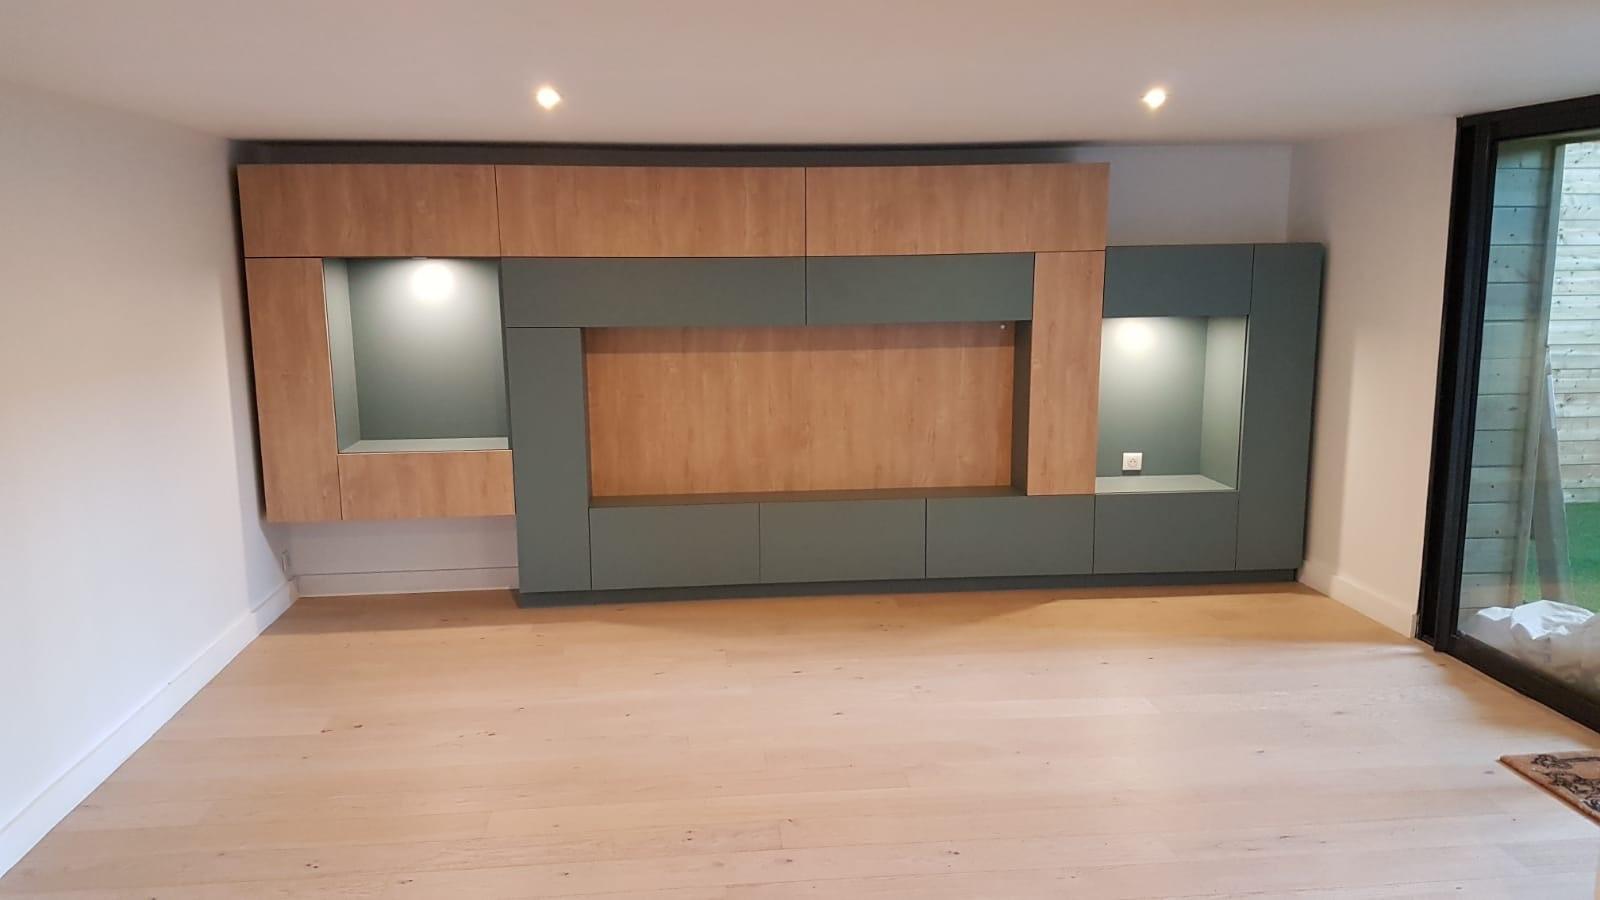 Sur cette photo, on voit le meuble Tv qui prend toute la largeur du mur. Son design est a couper le souffle.